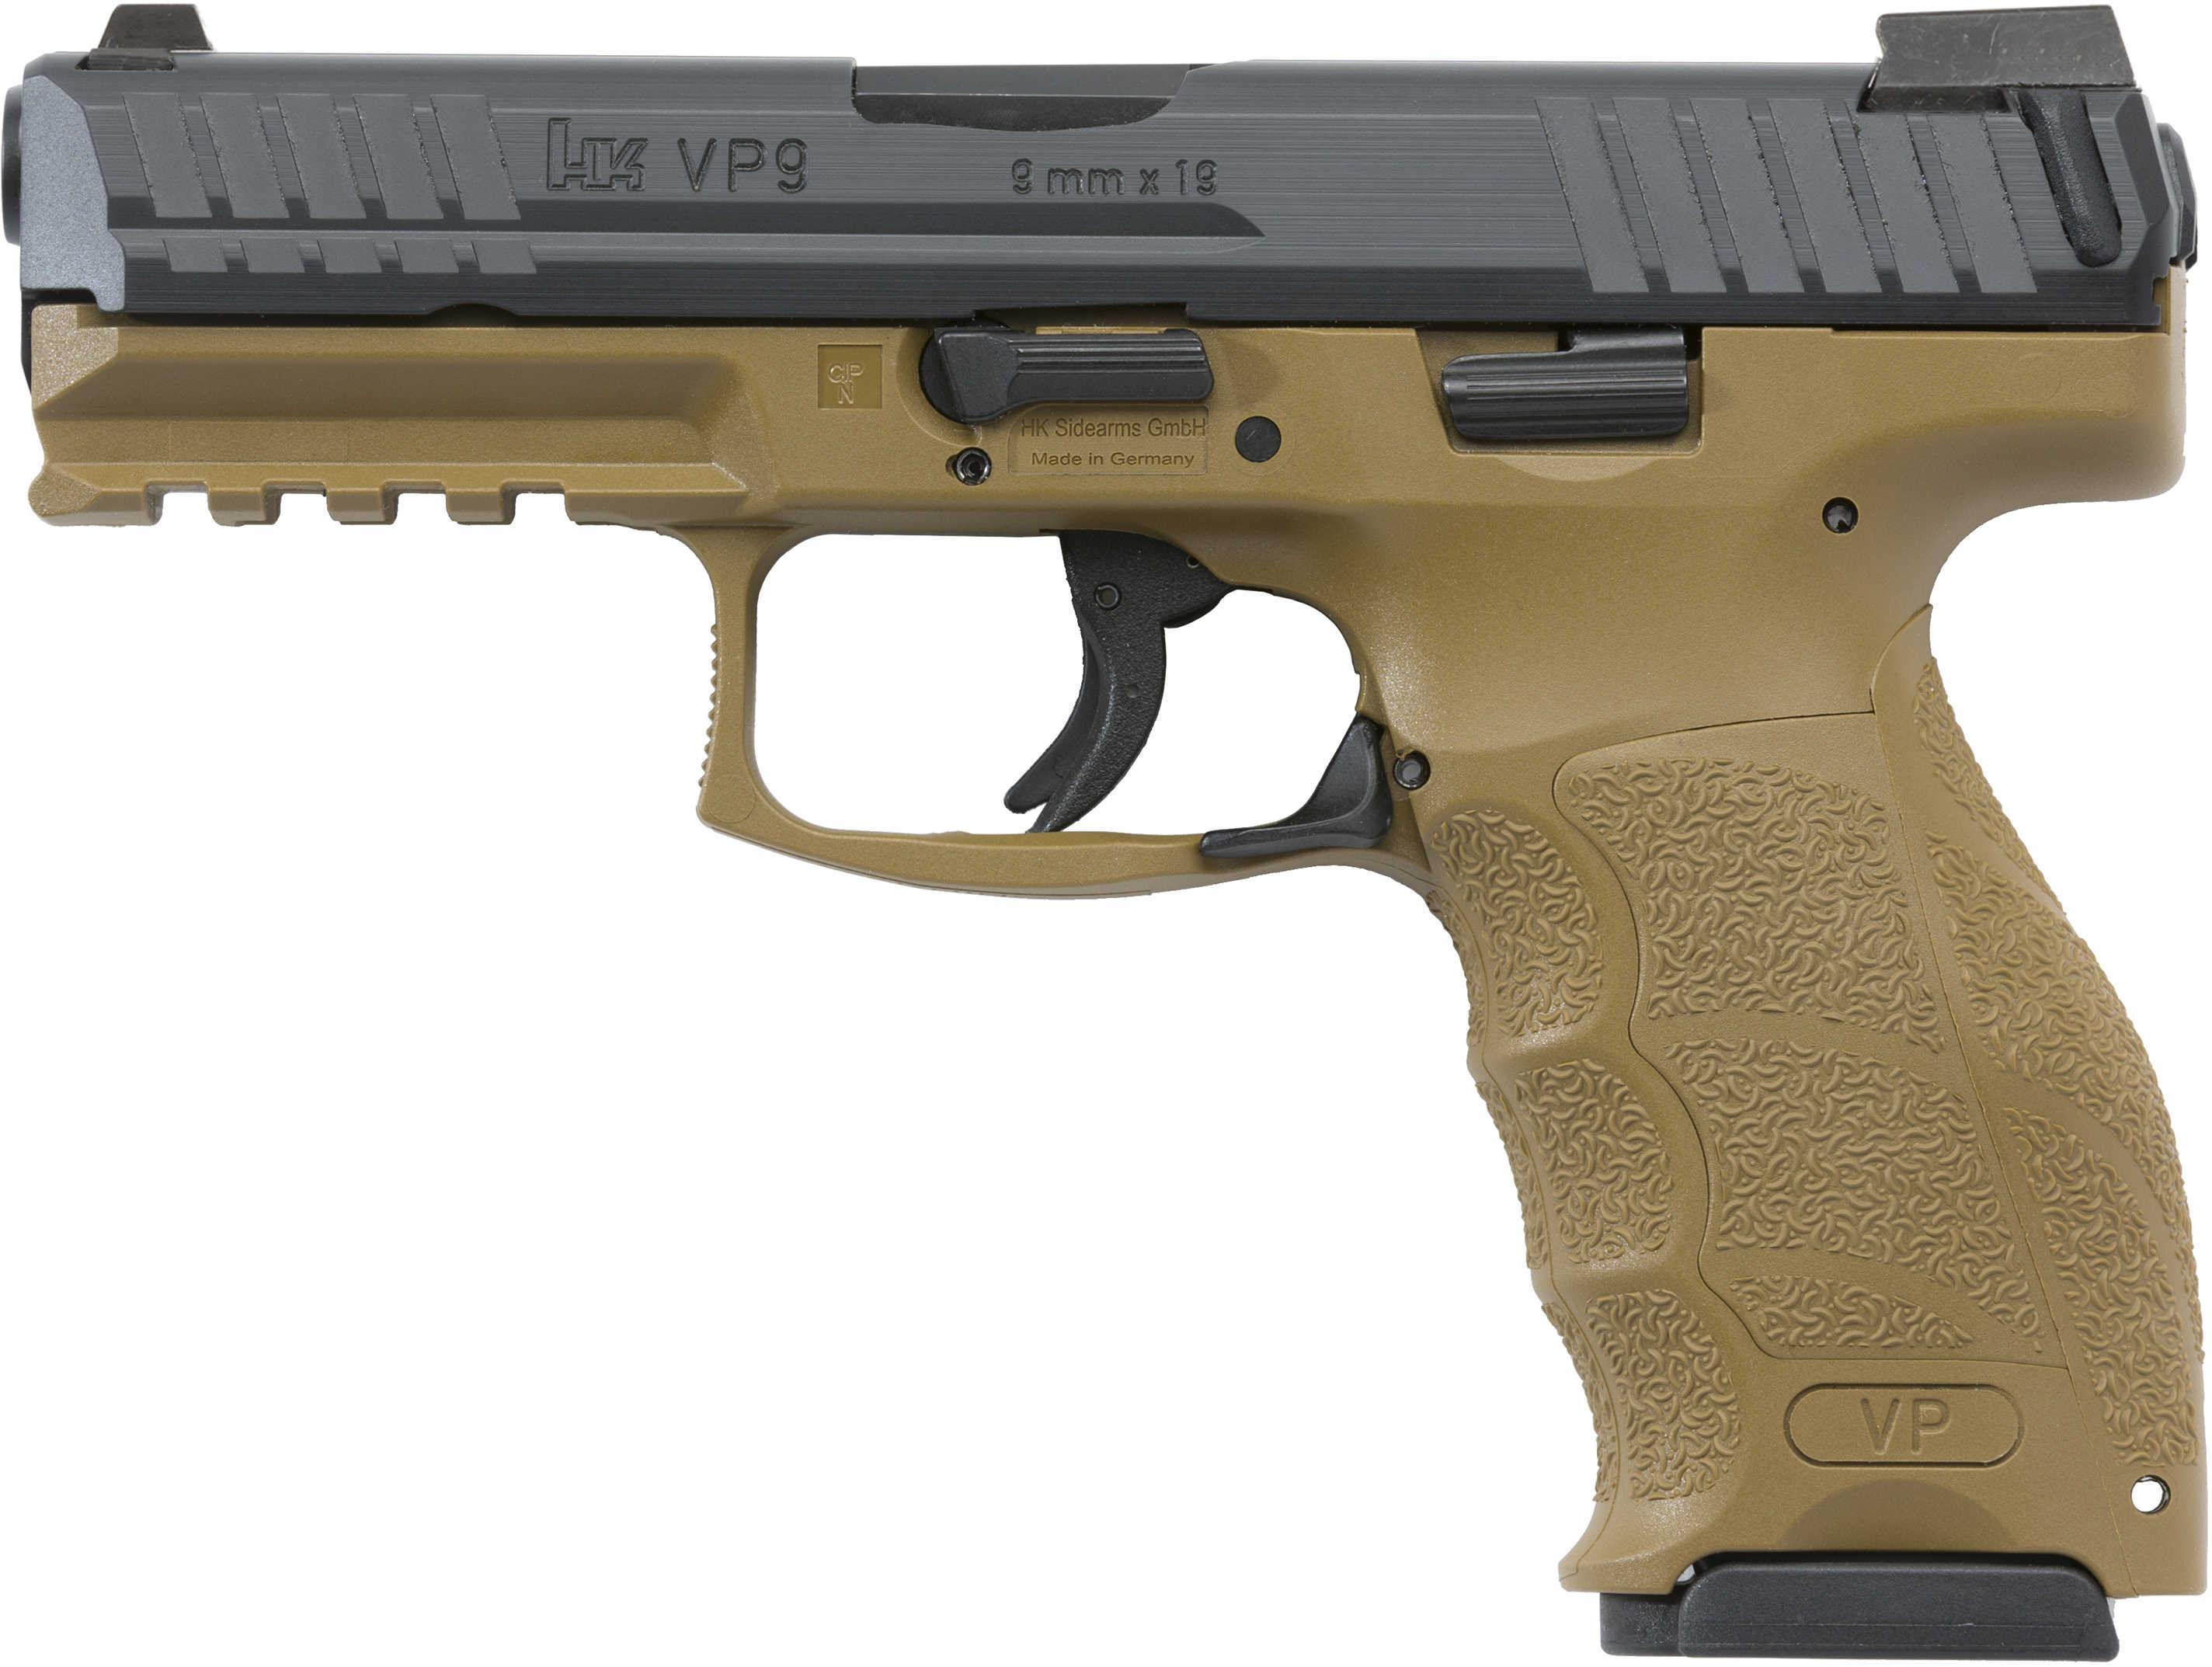 """Heckler & Kosh VP9 Pistol 9mm 4.09"""" Barrel 15 Rounds Flat Dark Earth Finish, 2 Mags"""